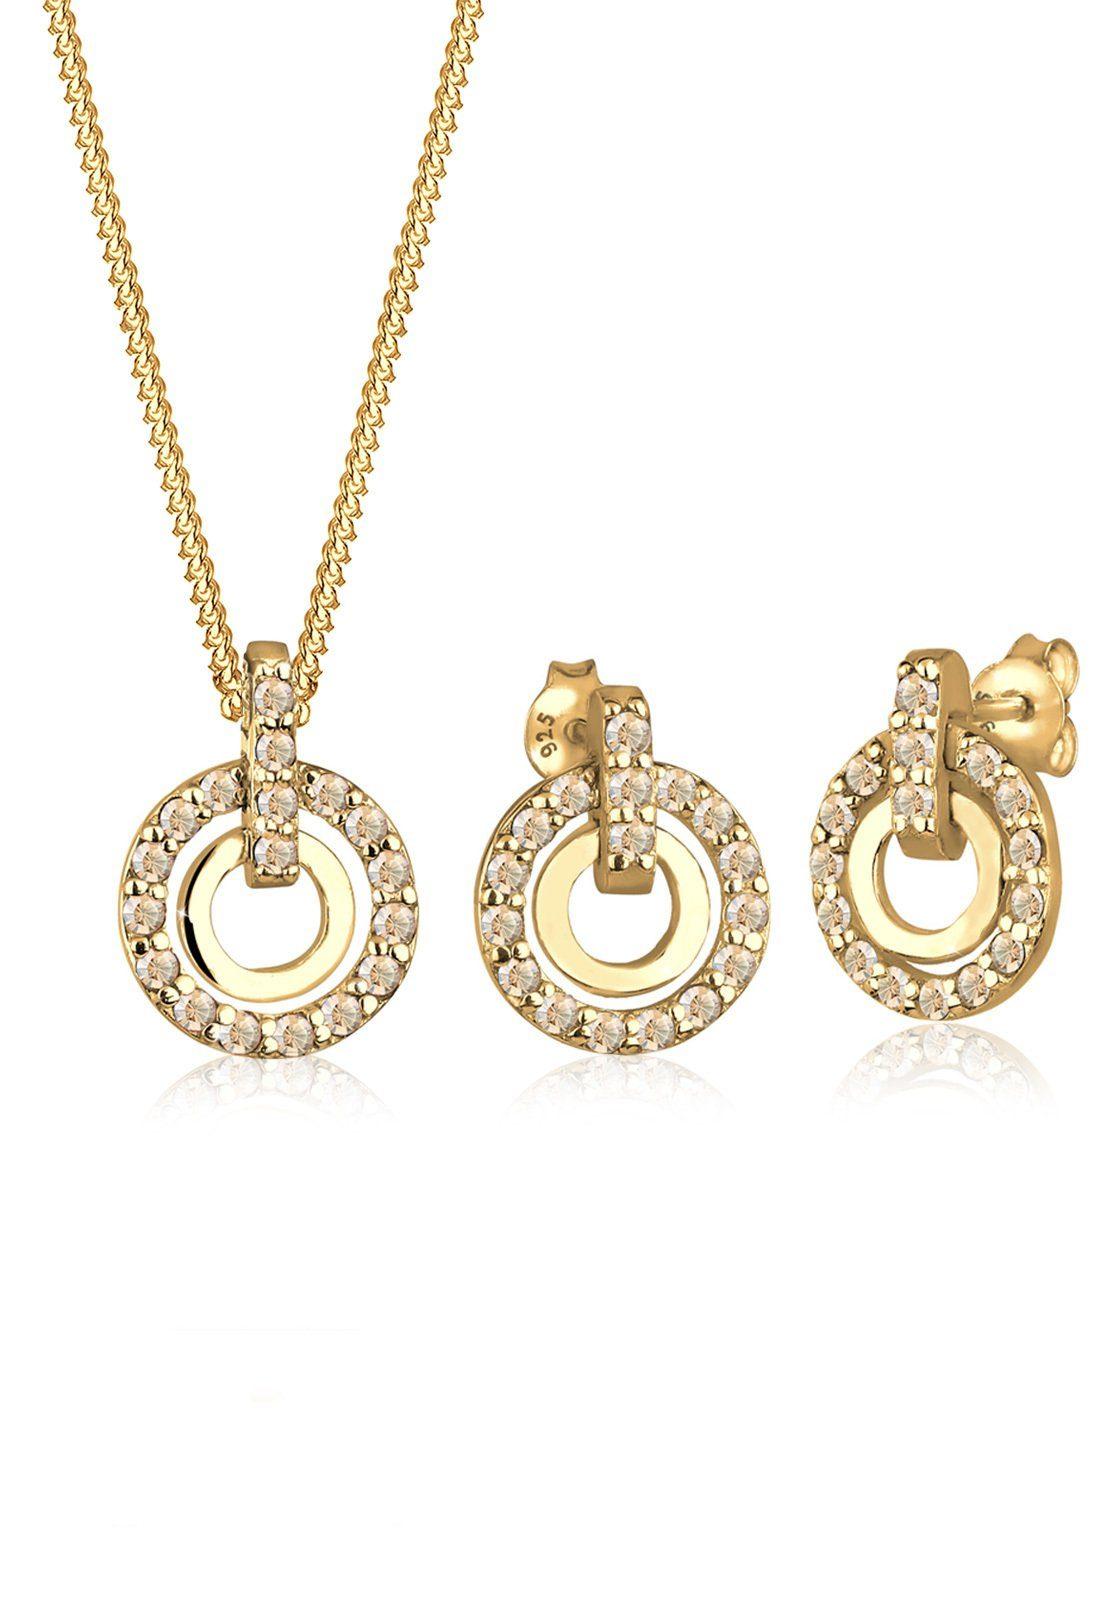 Goldhimmel Set: Schmuckset »Silber Kreis Swarovski® Kristalle« 2 tlg.